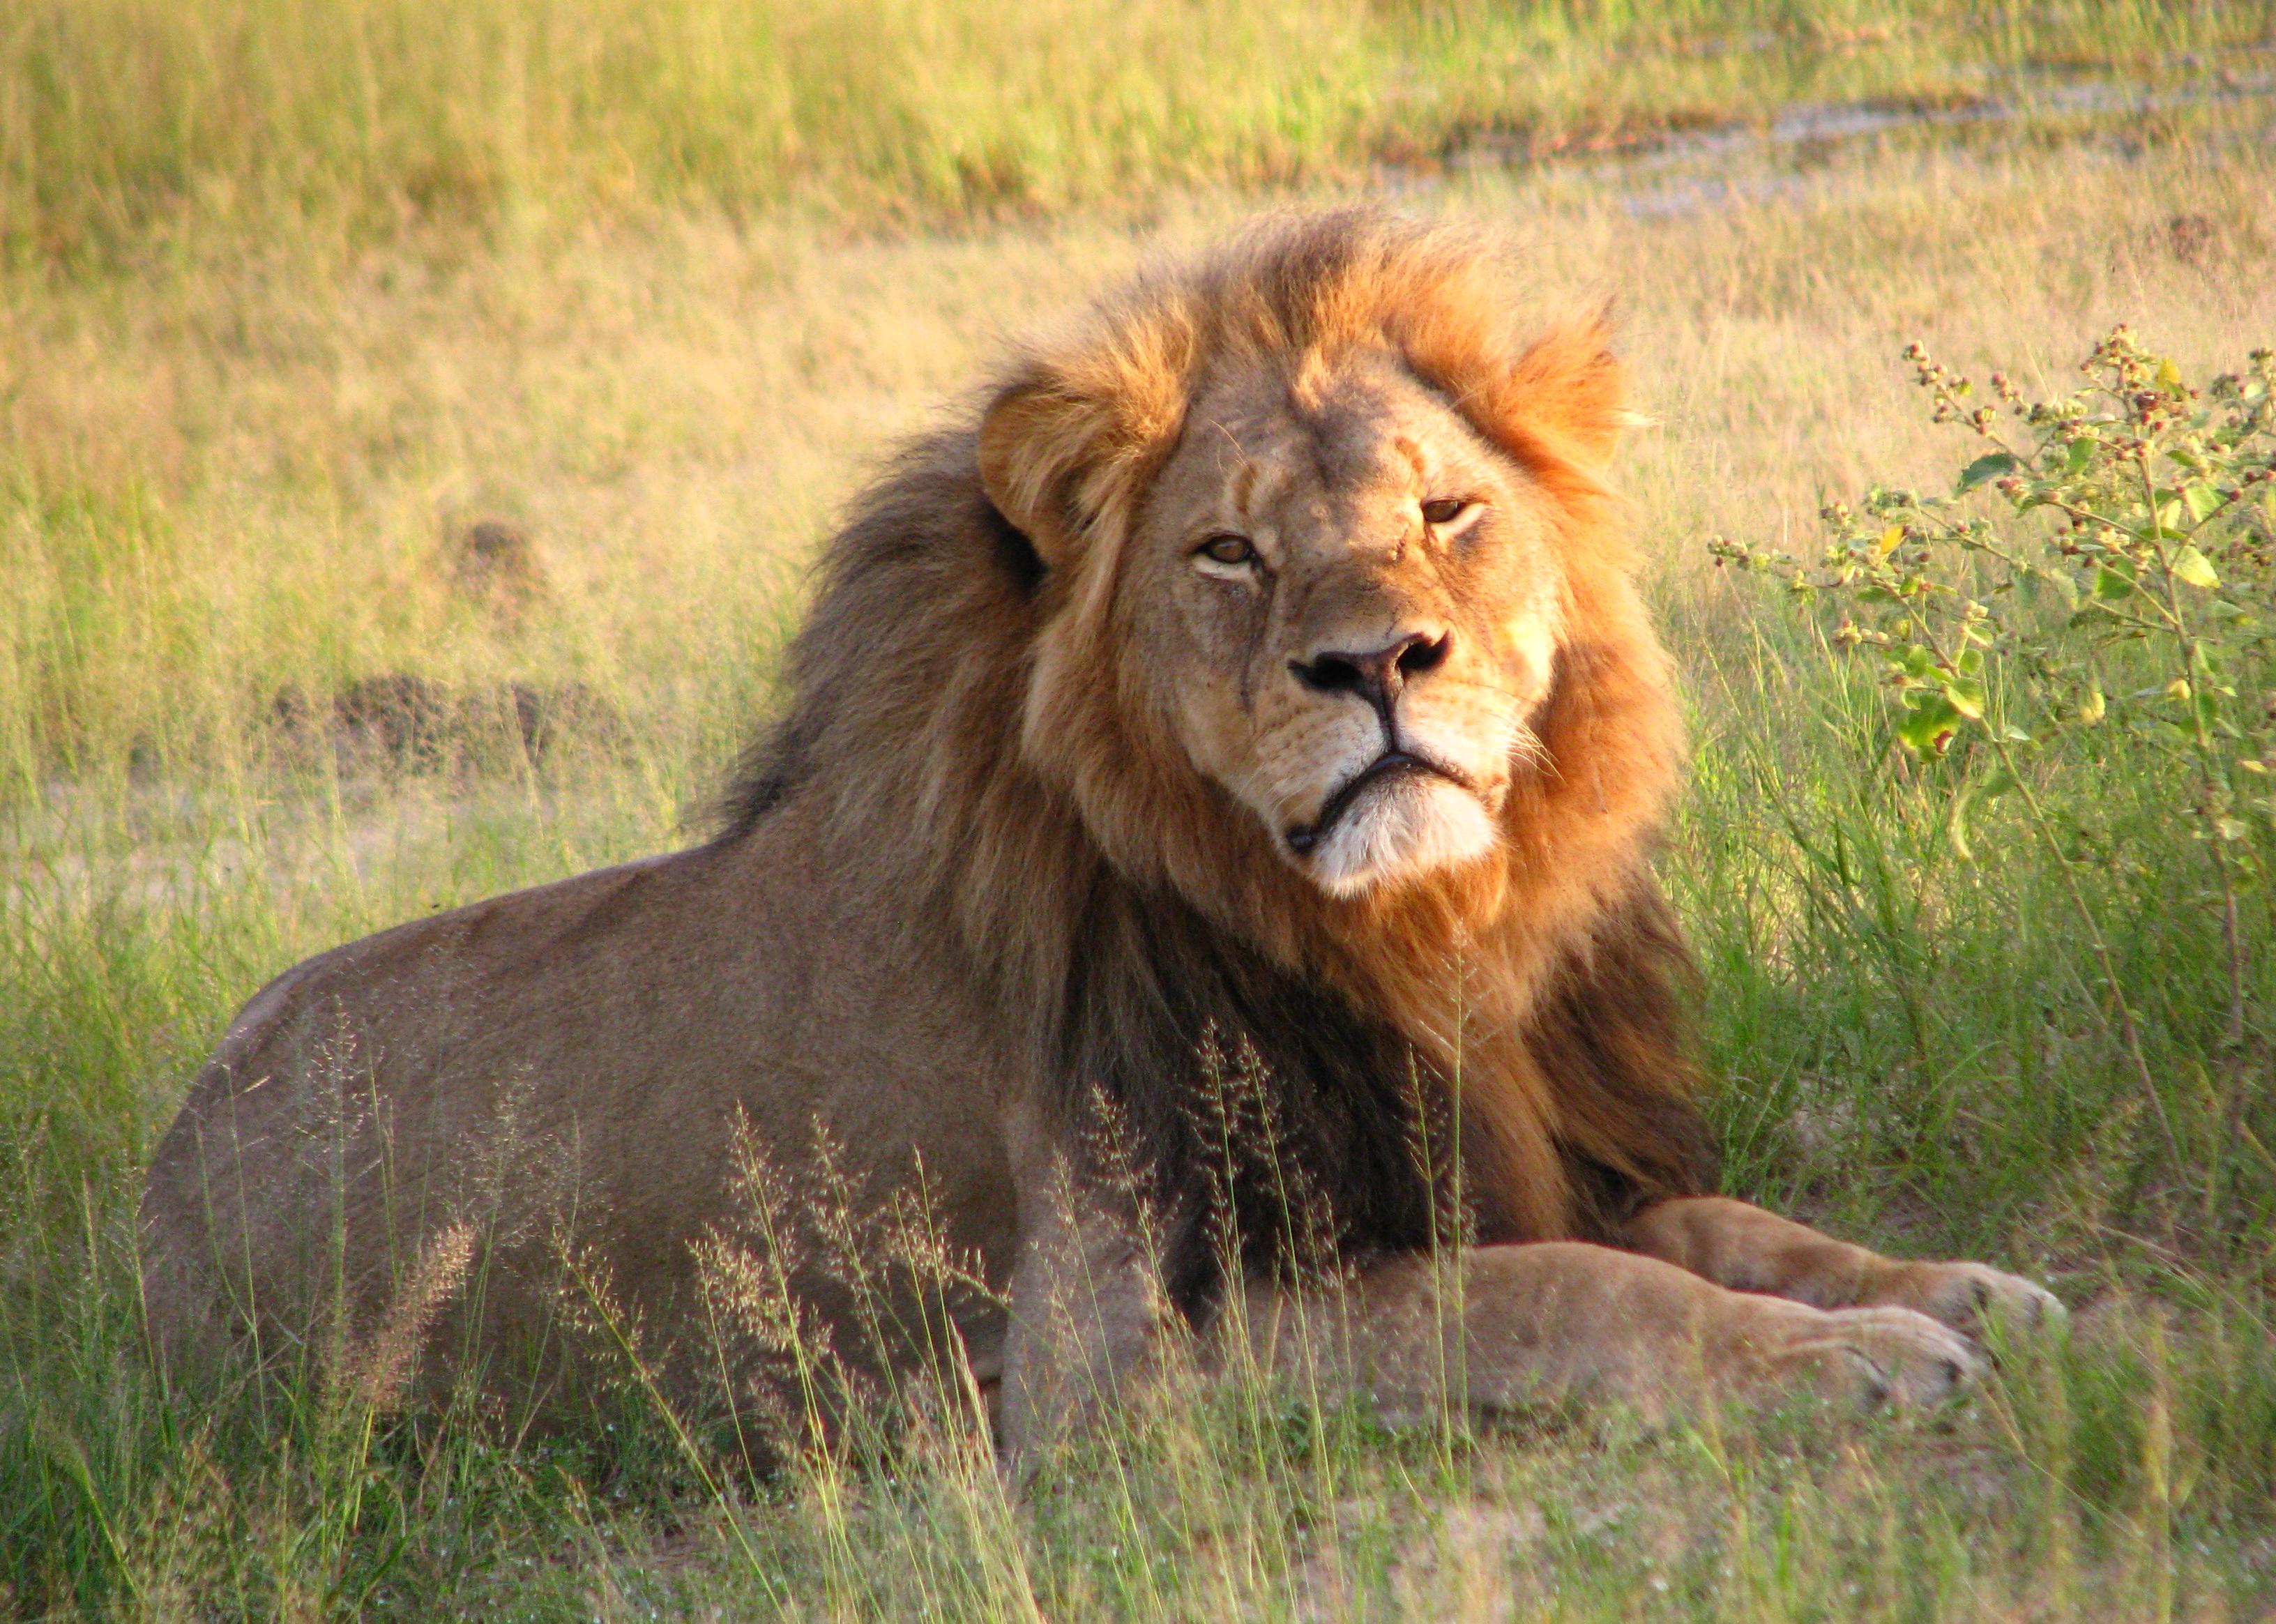 Нема обвинување за ловџијата што го застрела лавот Сесил во Зимбабве